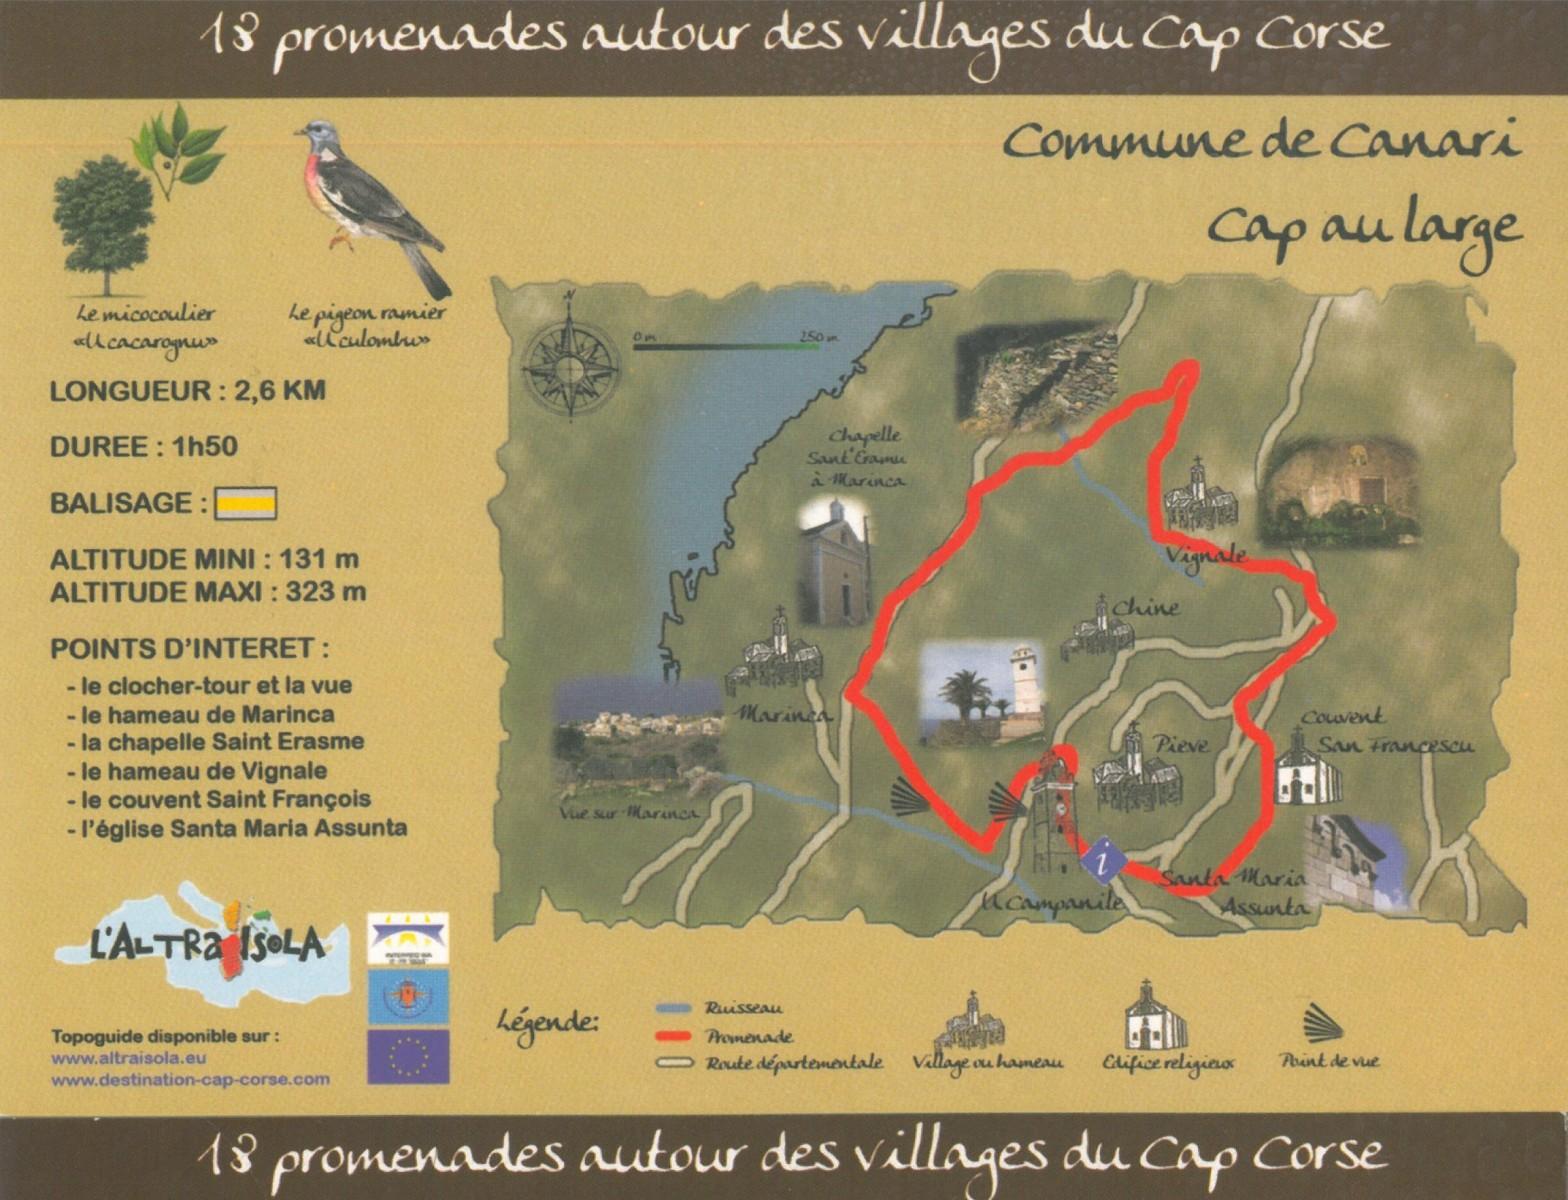 Cap Corse Inconnu : 4 - Cap au Large - Capicorsu